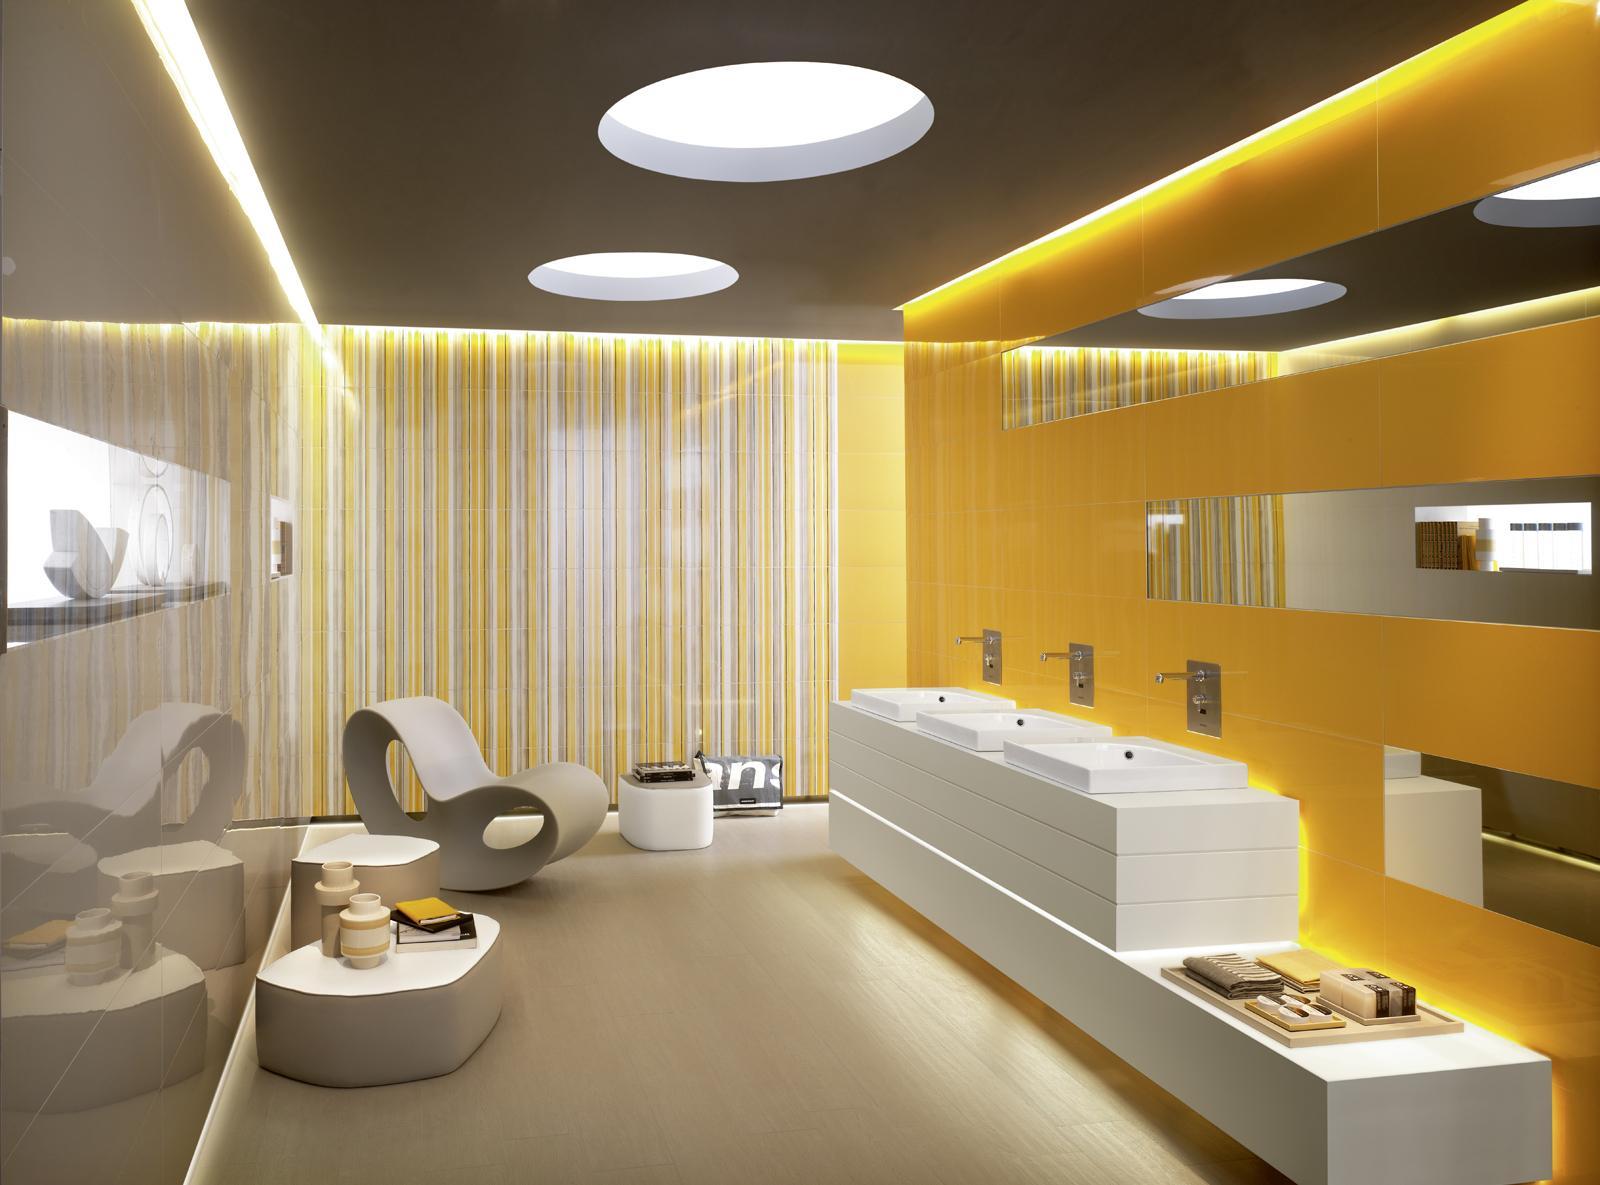 Яркая желта стена в ванной